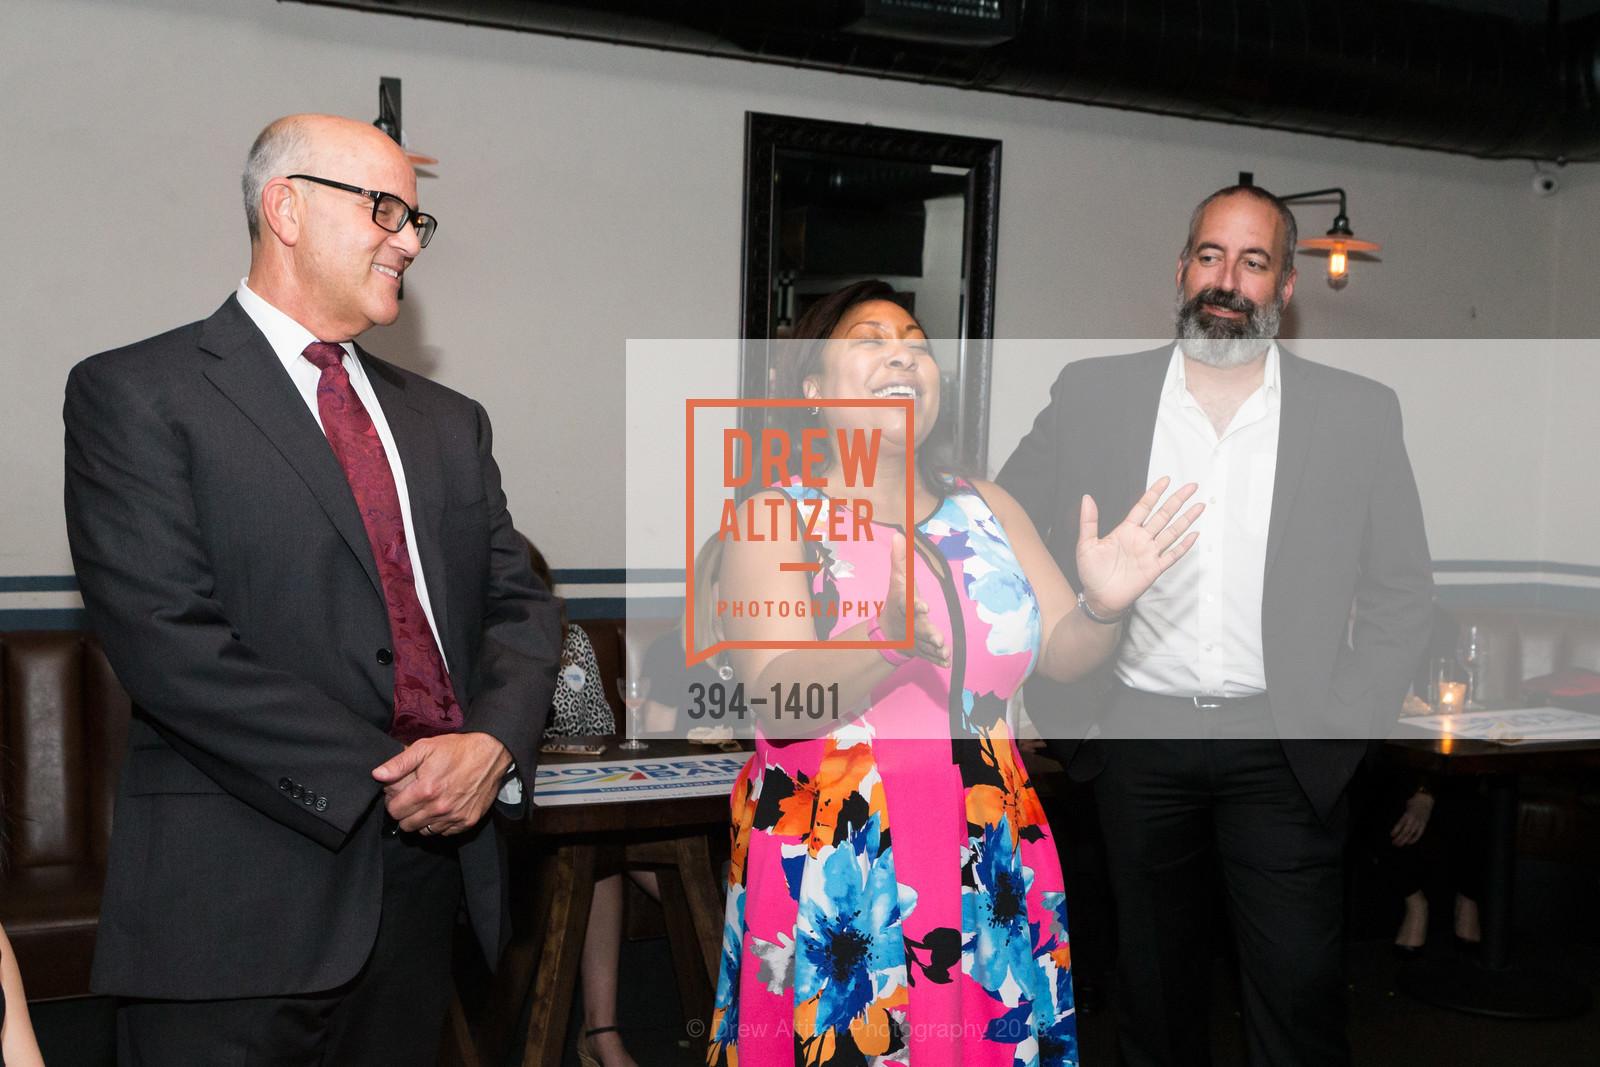 Jim Wunderman, Gwyneth Borden, Tom Radulovich, Photo #394-1401